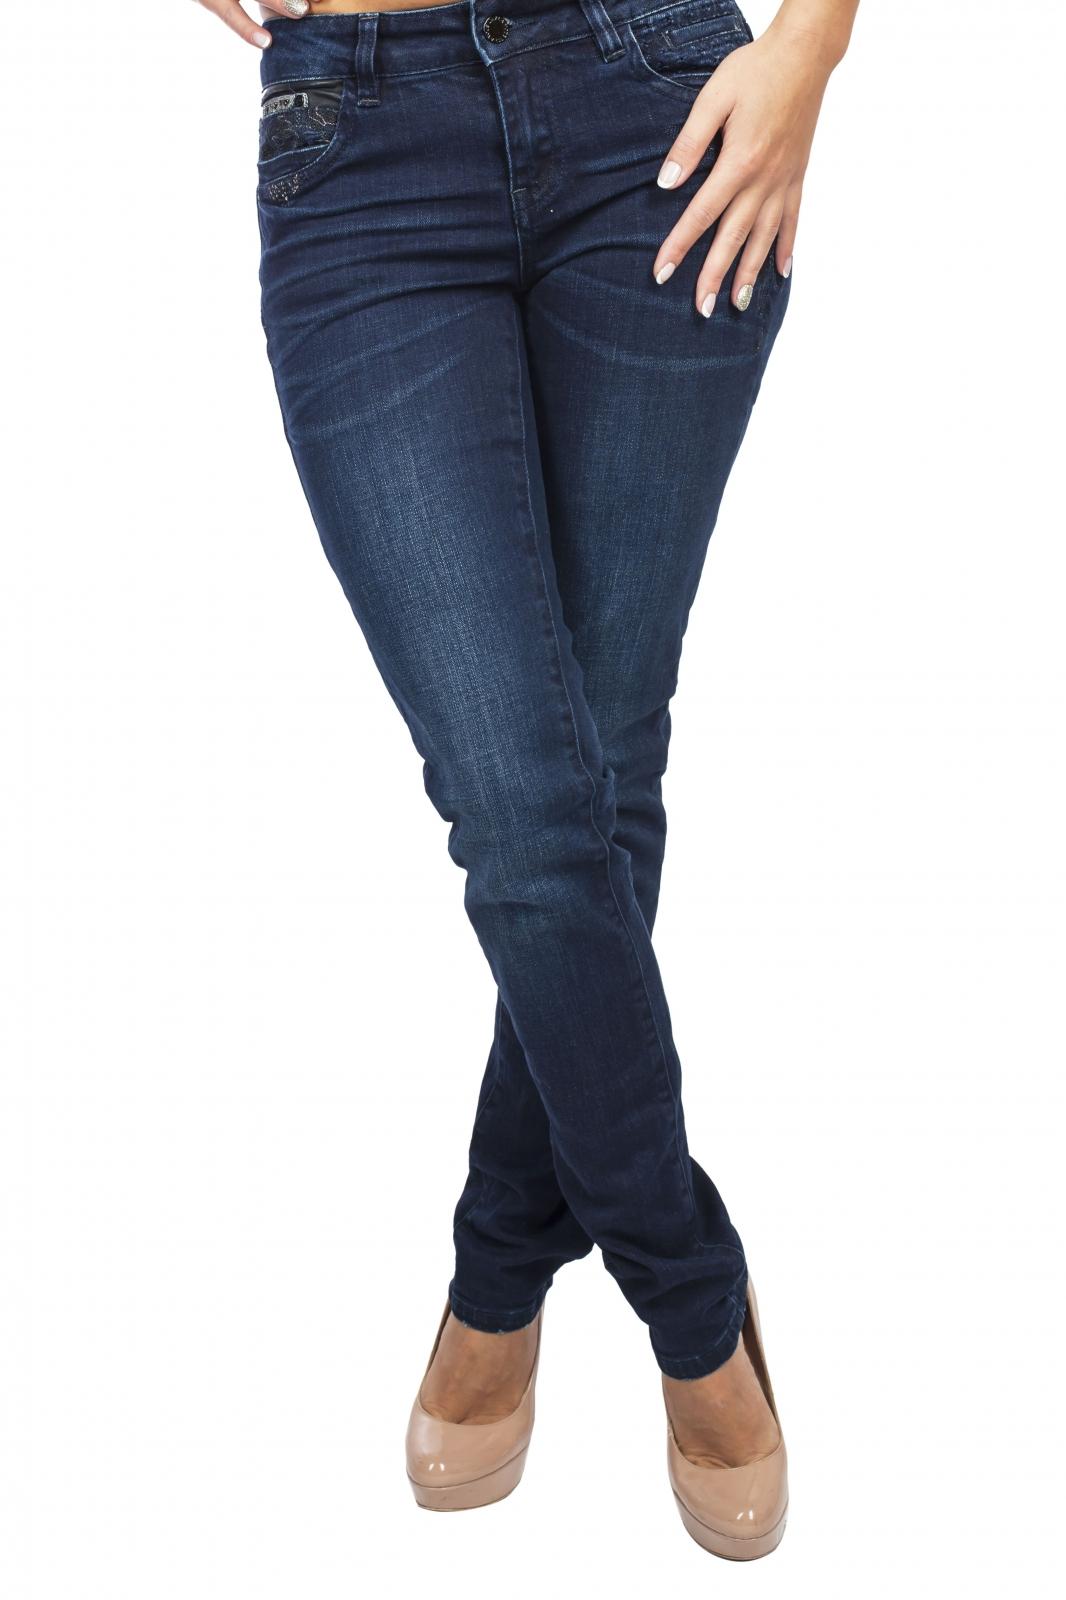 Продажа синих женских джинсов оптом и в розницу